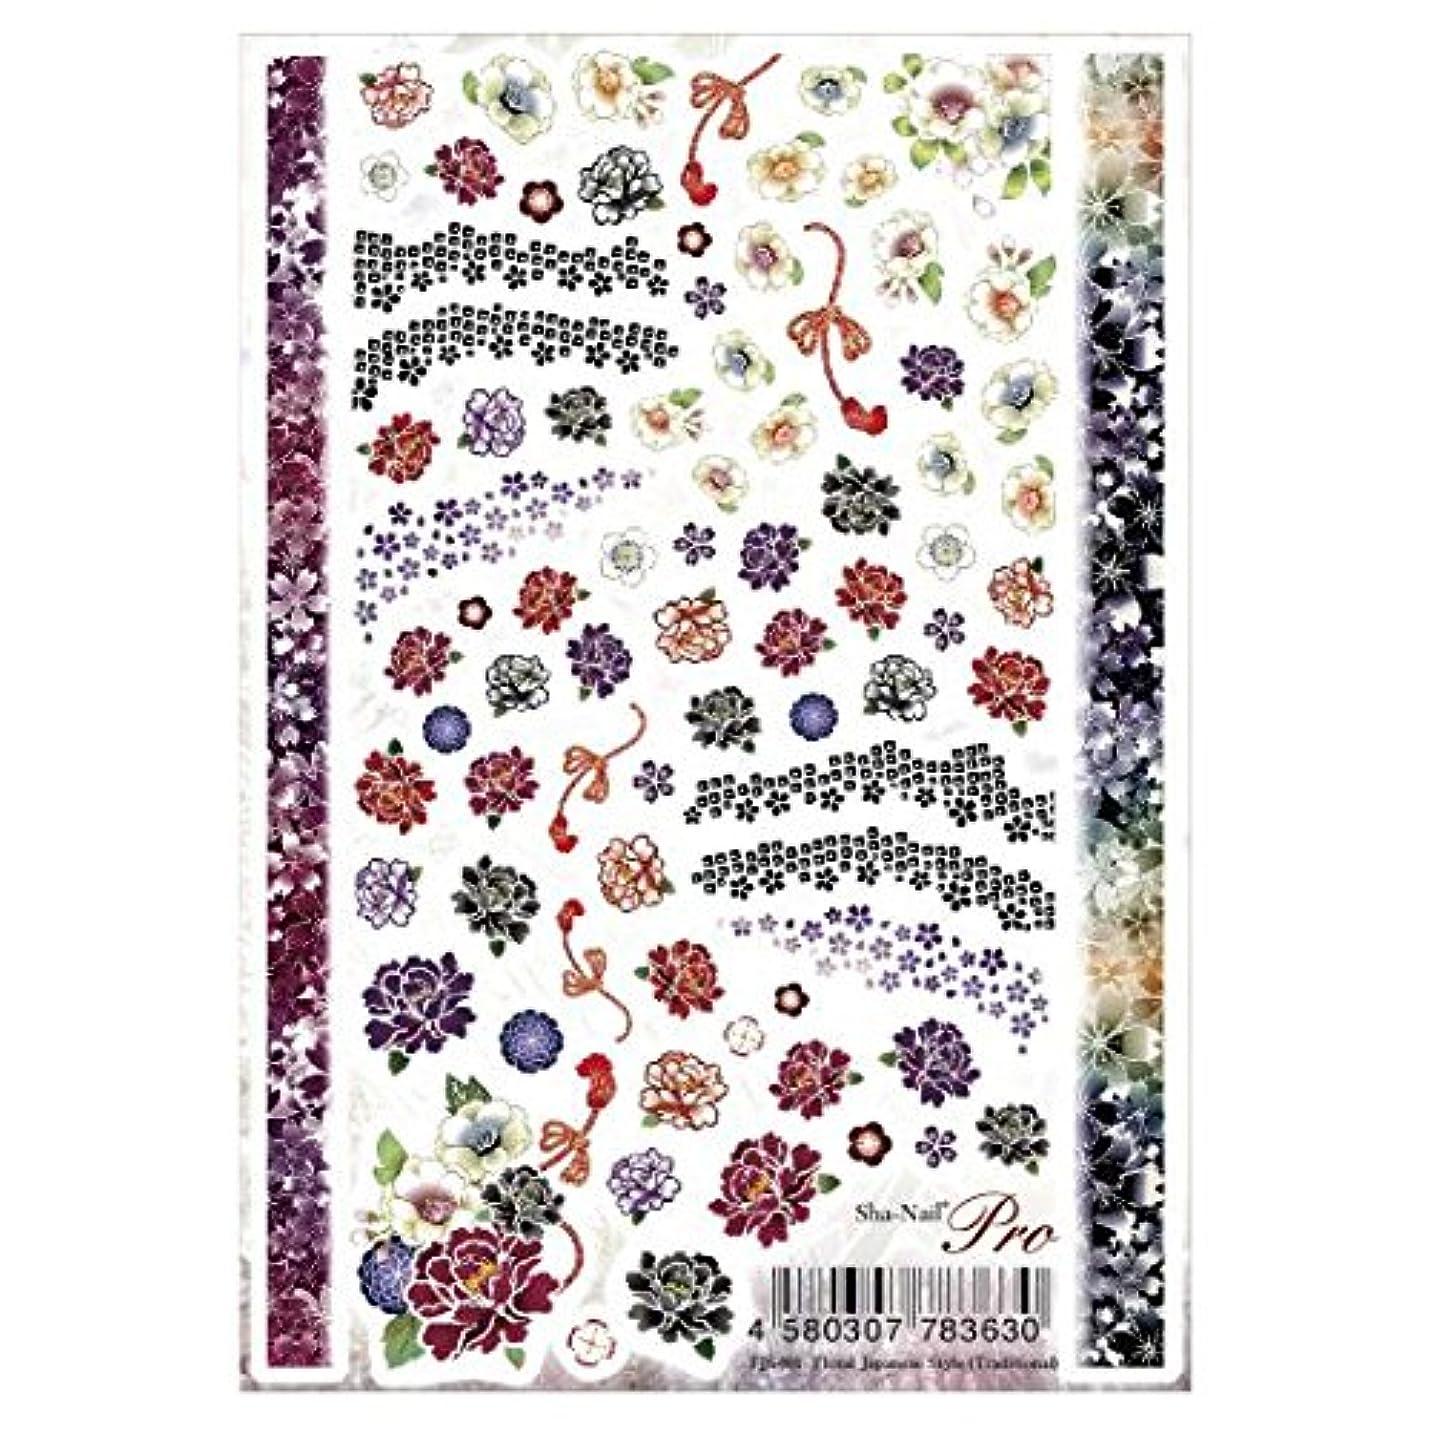 許可する逆説シルエット写ネイルプロ ネイルシール 和の花 トラディショナル アート材